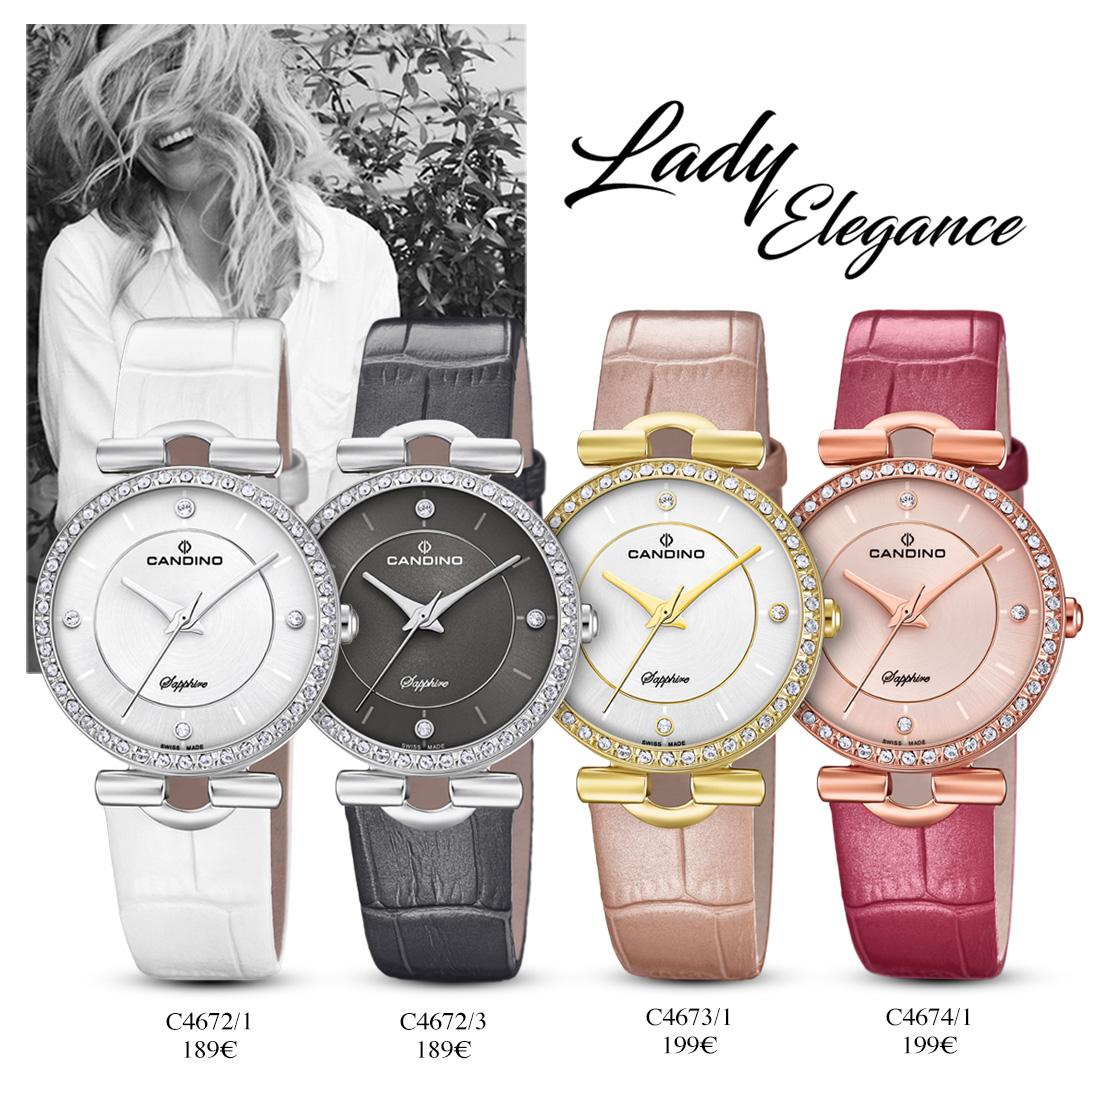 LADY ELEGANCE_1100X1100